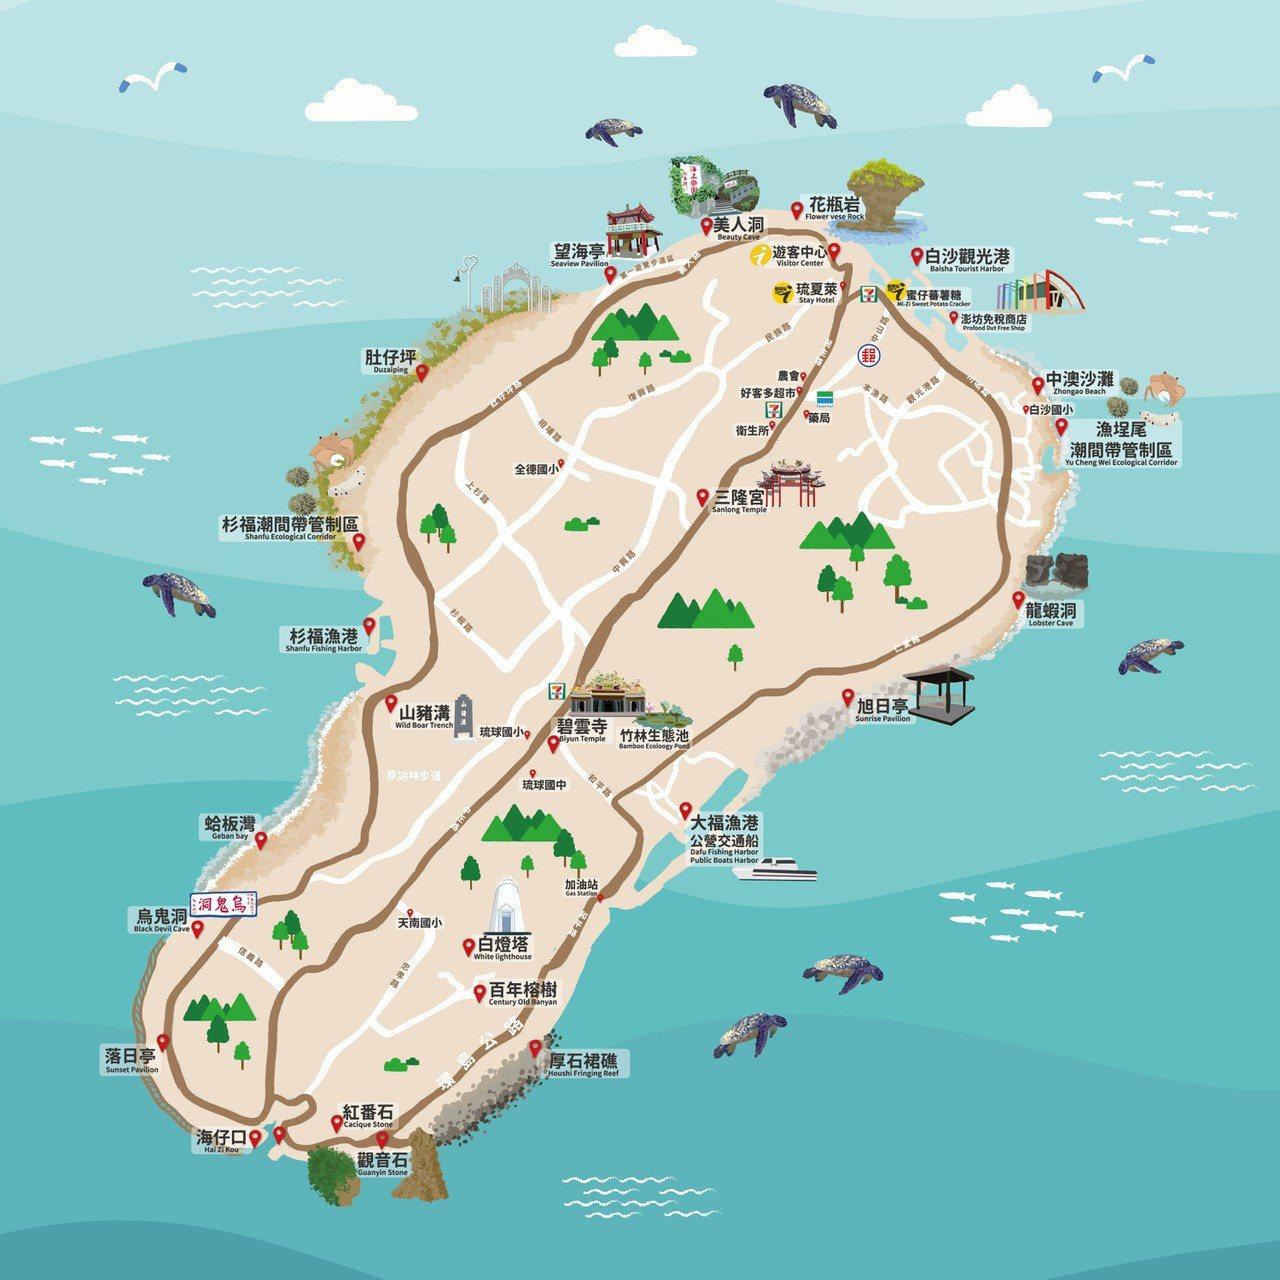 小琉球觀光地圖。圖/擷自大鵬灣國家風景區網站